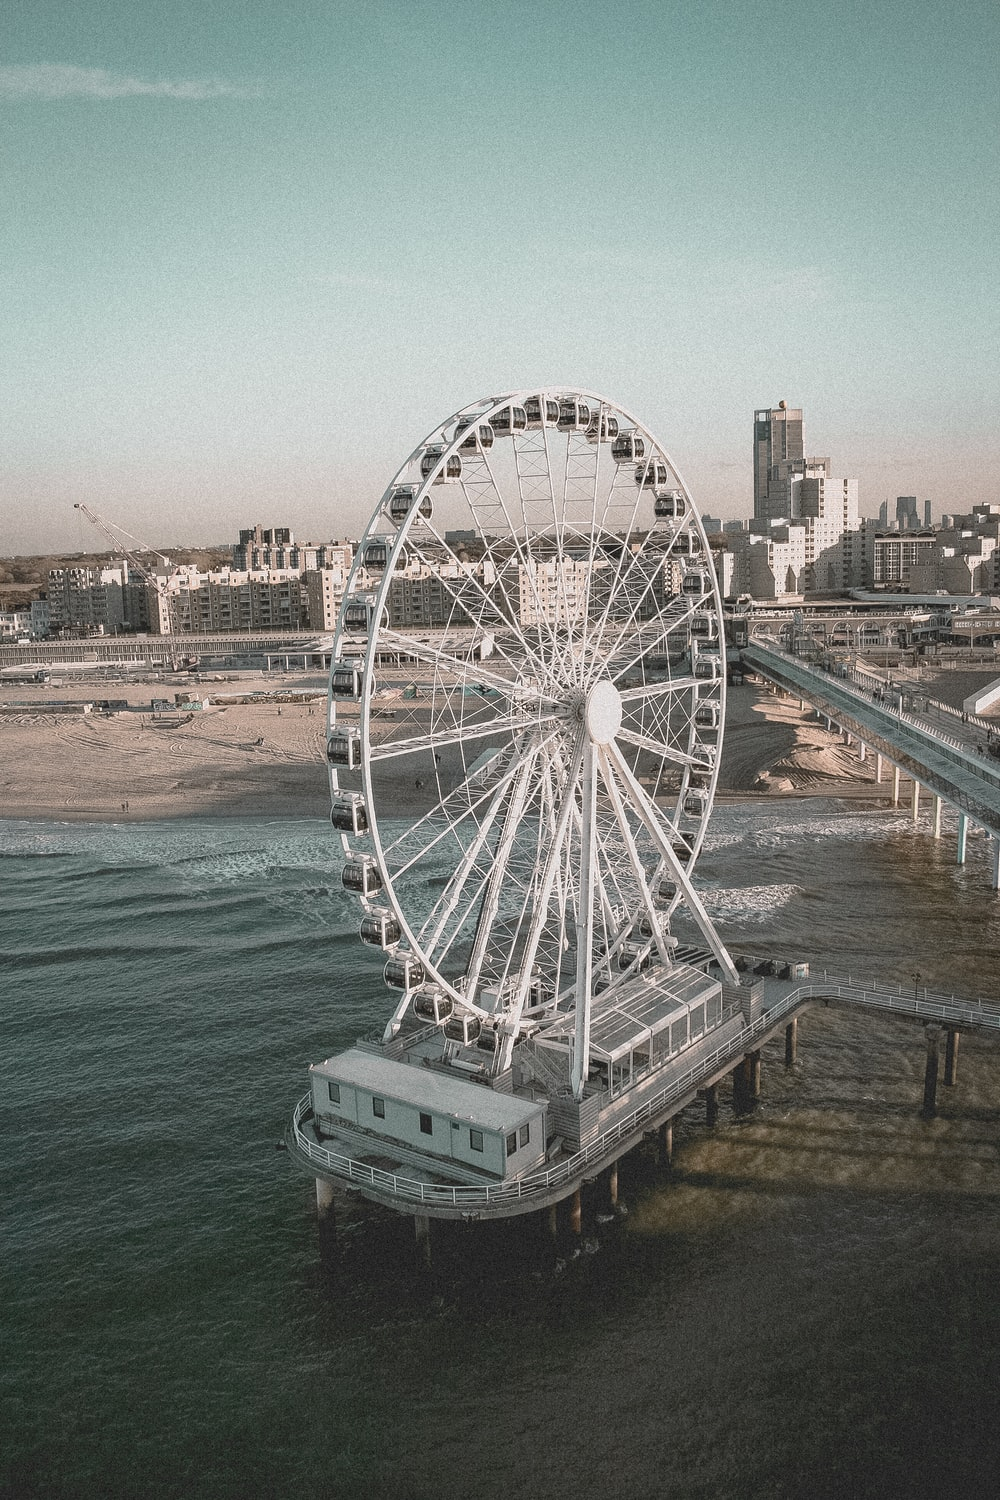 white ferris wheel near body of water